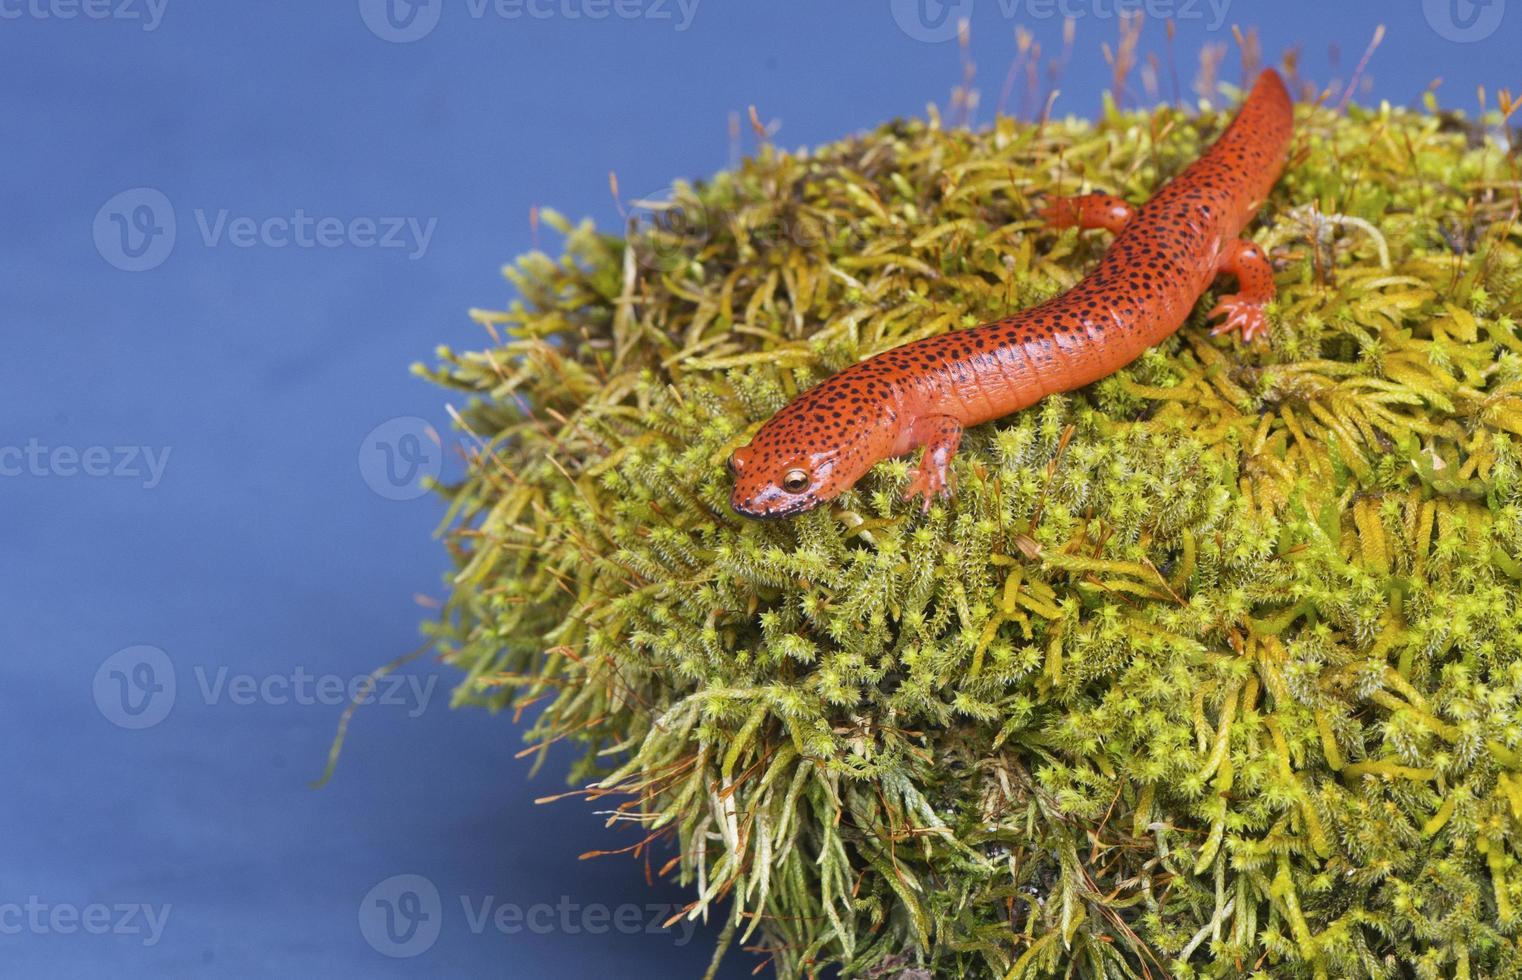 schwarzlippiger Salamander sitzt auf einem moosbedeckten Felsen. foto